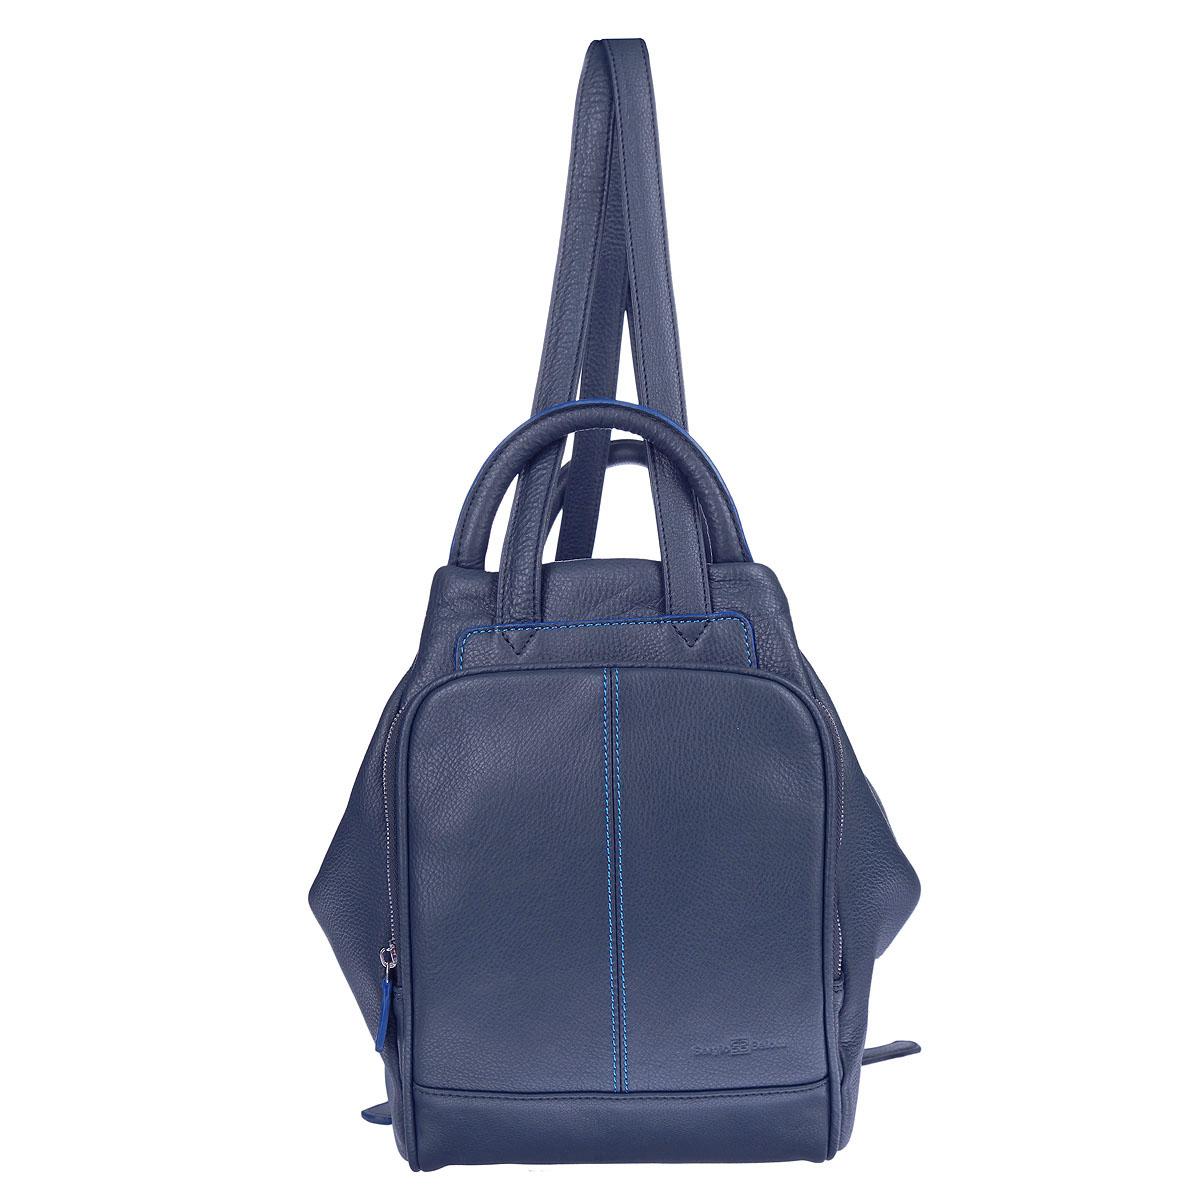 Рюкзак мужской Sergio Belotti, цвет: синий. 98159815 indigo jeansУниверсальный мужской рюкзак Sergio Belotti выполнен из натуральной кожи.Рюкзак содержит одно основное отделение, закрывающееся на застежку-молнию. Внутри размещены два вшитых кармана на молниях. Снаружи изделие дополнено накладным карманом на молнии, внутри которого размещены еще два накладных кармана. Рюкзак оснащен регулируемыми плечевыми лямками и дополнен удобными ручками.Такой стильный и в то же время, элегантный рюкзак - станет идеальным дополнением к вашему образу.